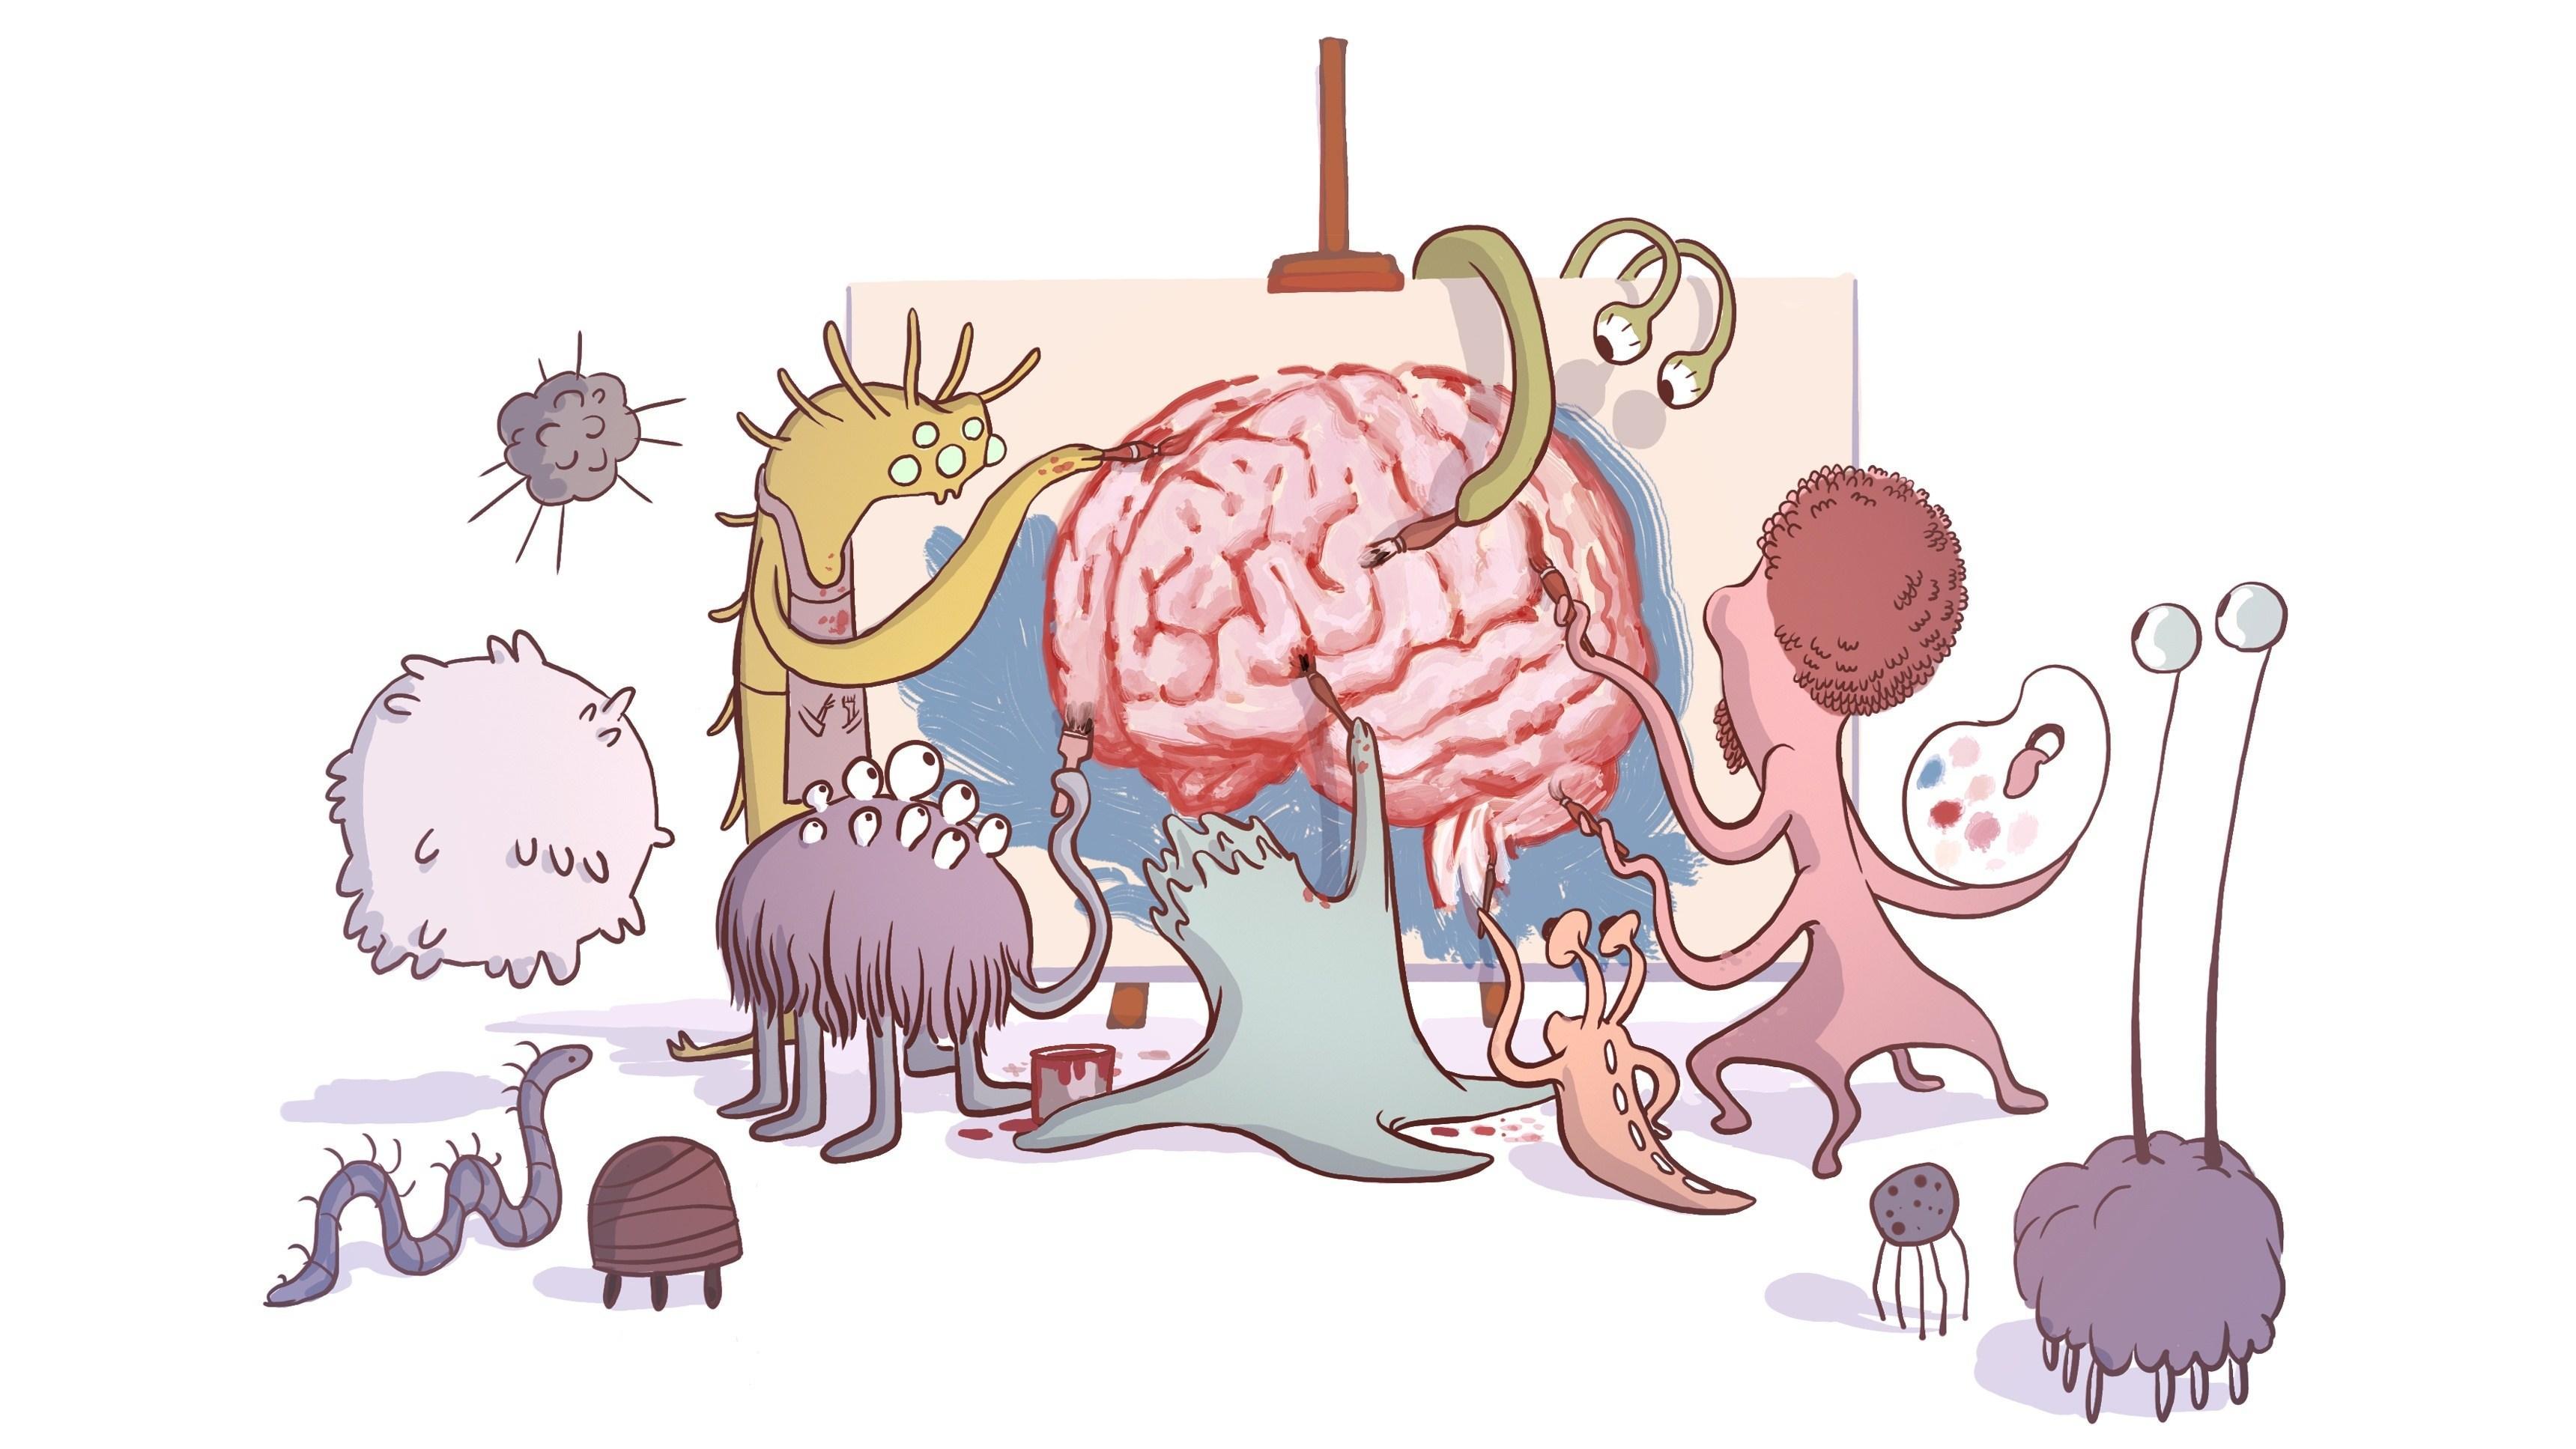 Паразительная медицина. Откуда взялась идея лечиться кишечными червями